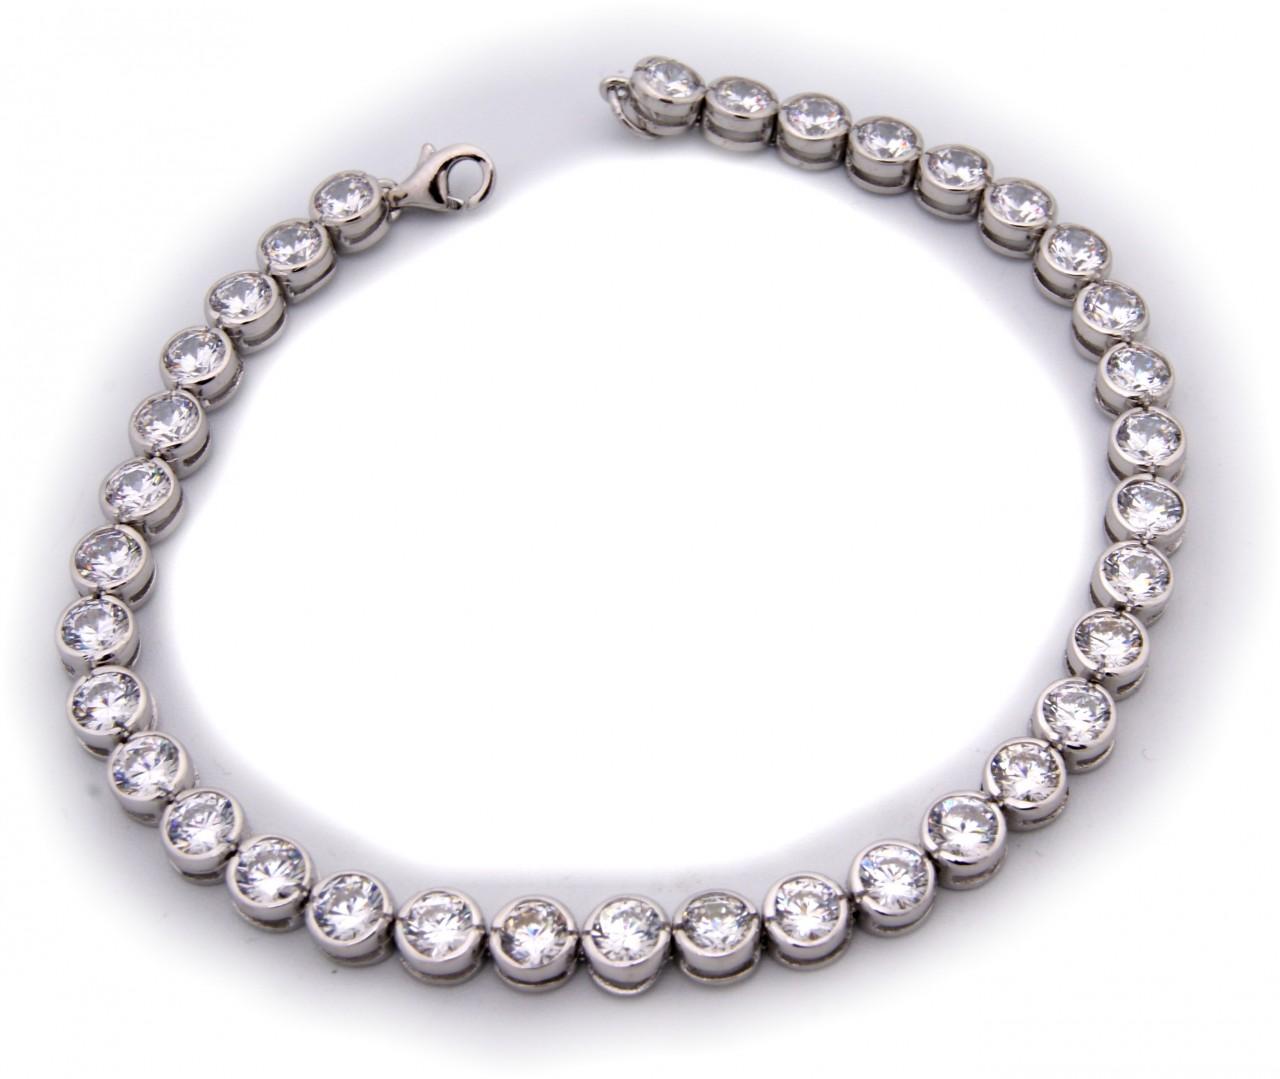 Damen Tennis Armband echt Silber 925 Zirkonia 5,7 mm breit Sterlingsilber Neu